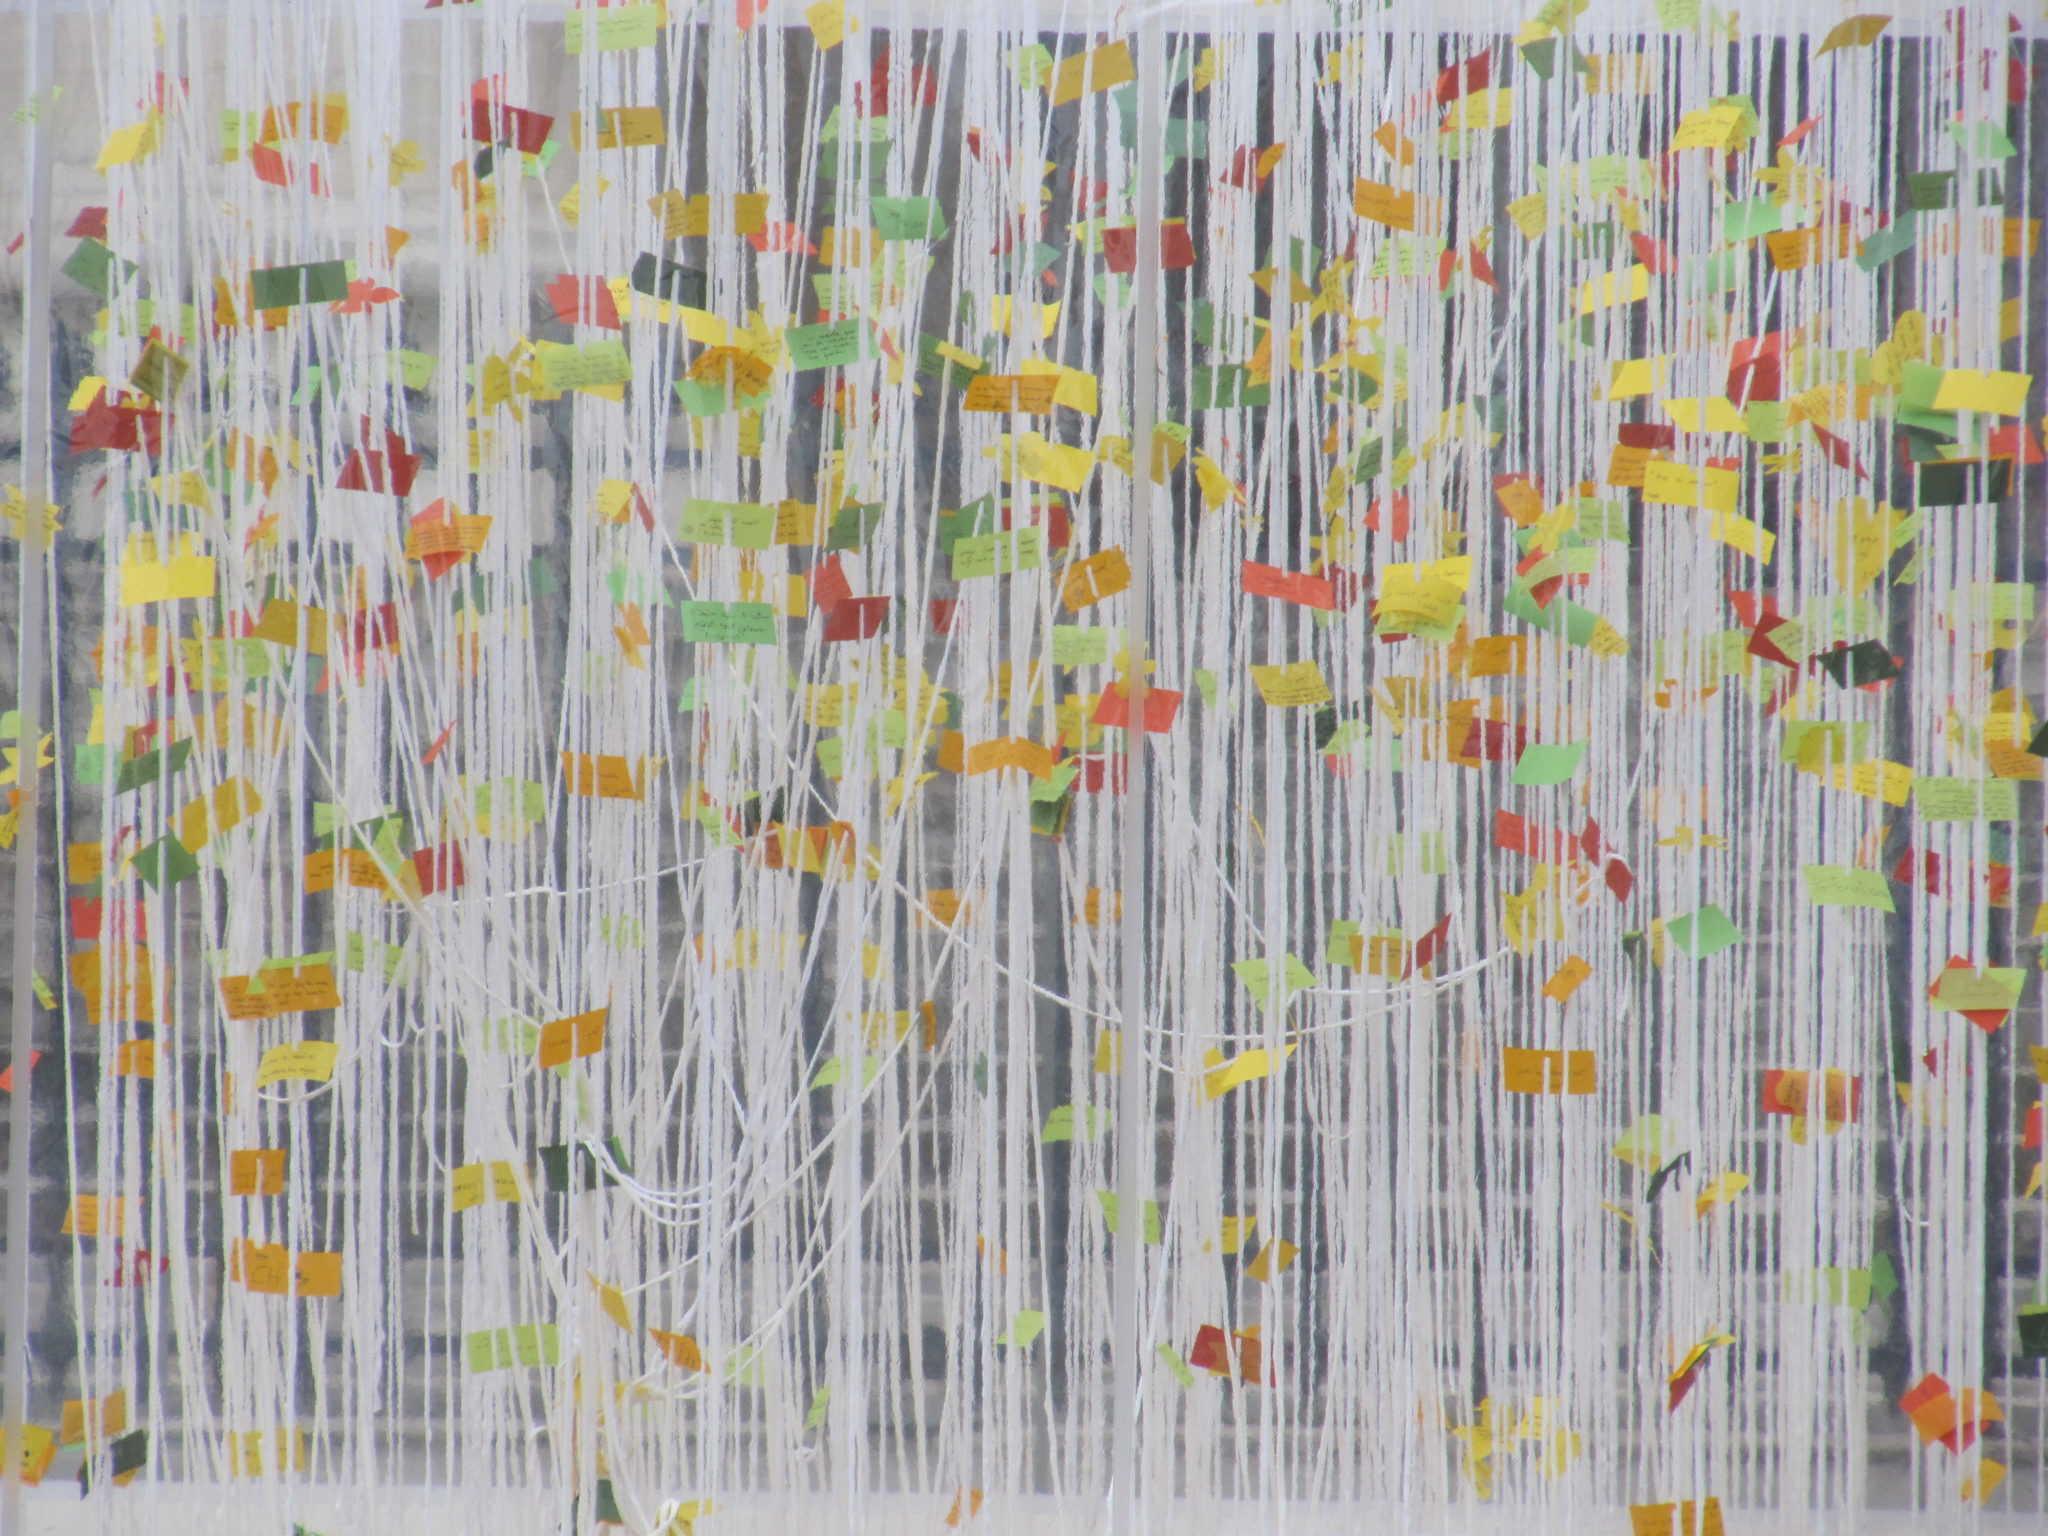 La Forêt des messages #1 / The foret messages 3